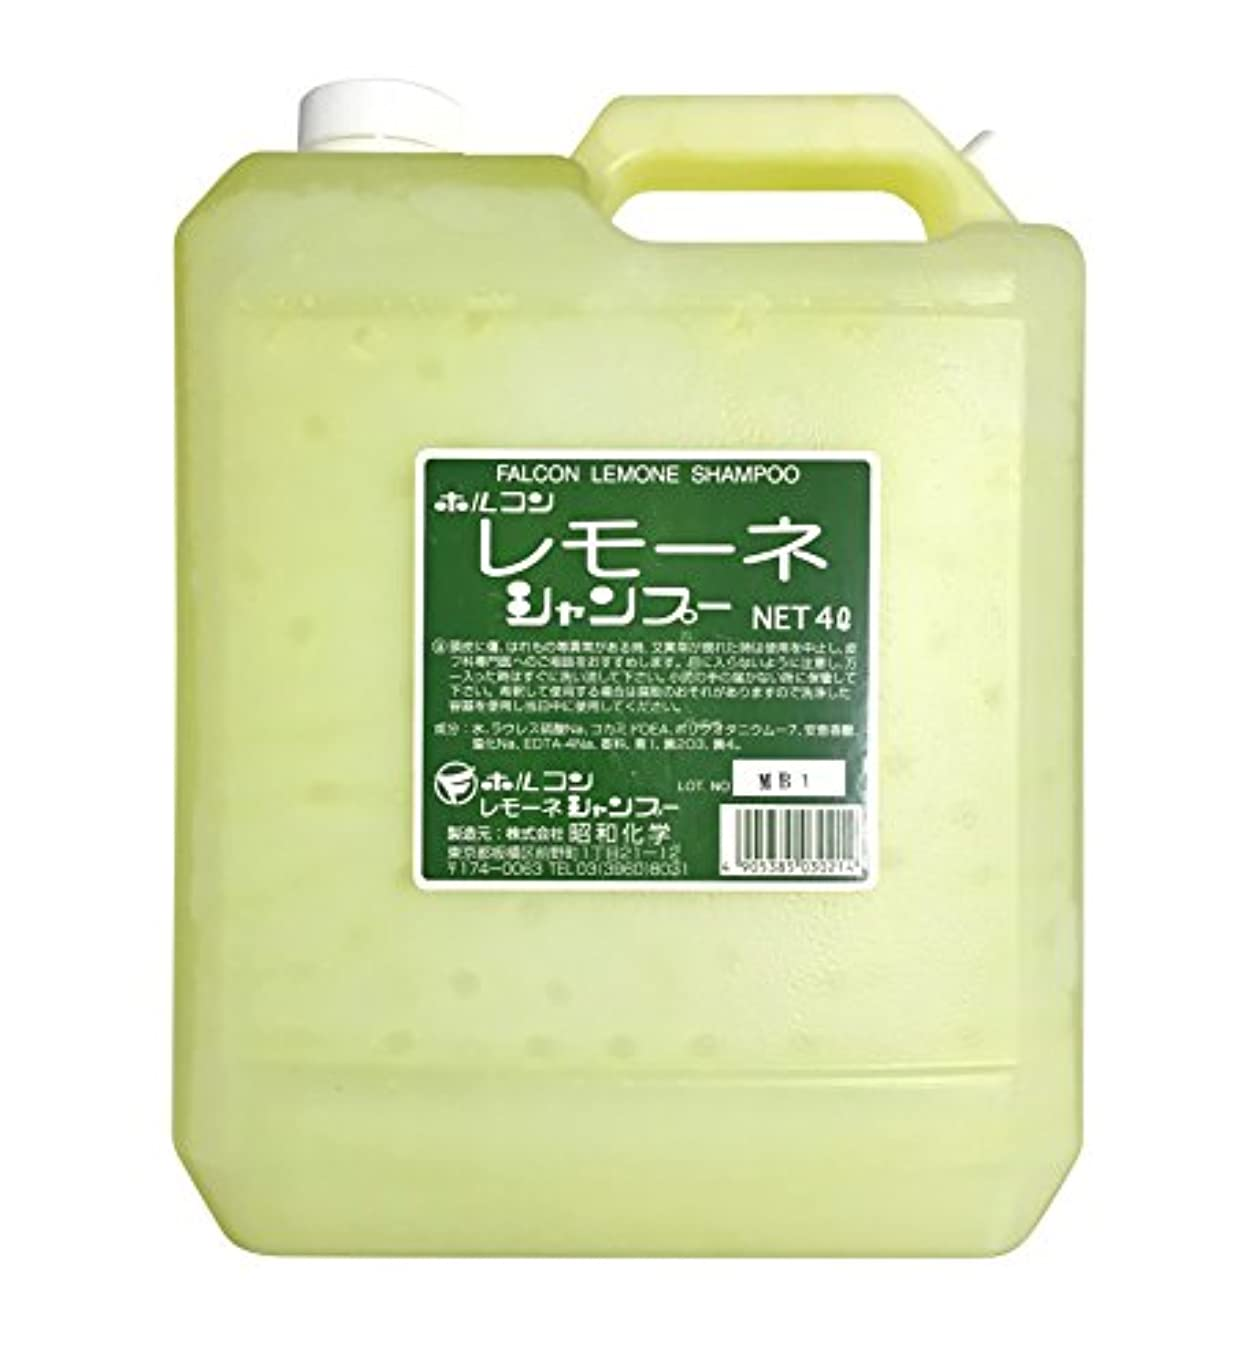 昭和化学 ホルコン レモーネシャンプー 4000ml